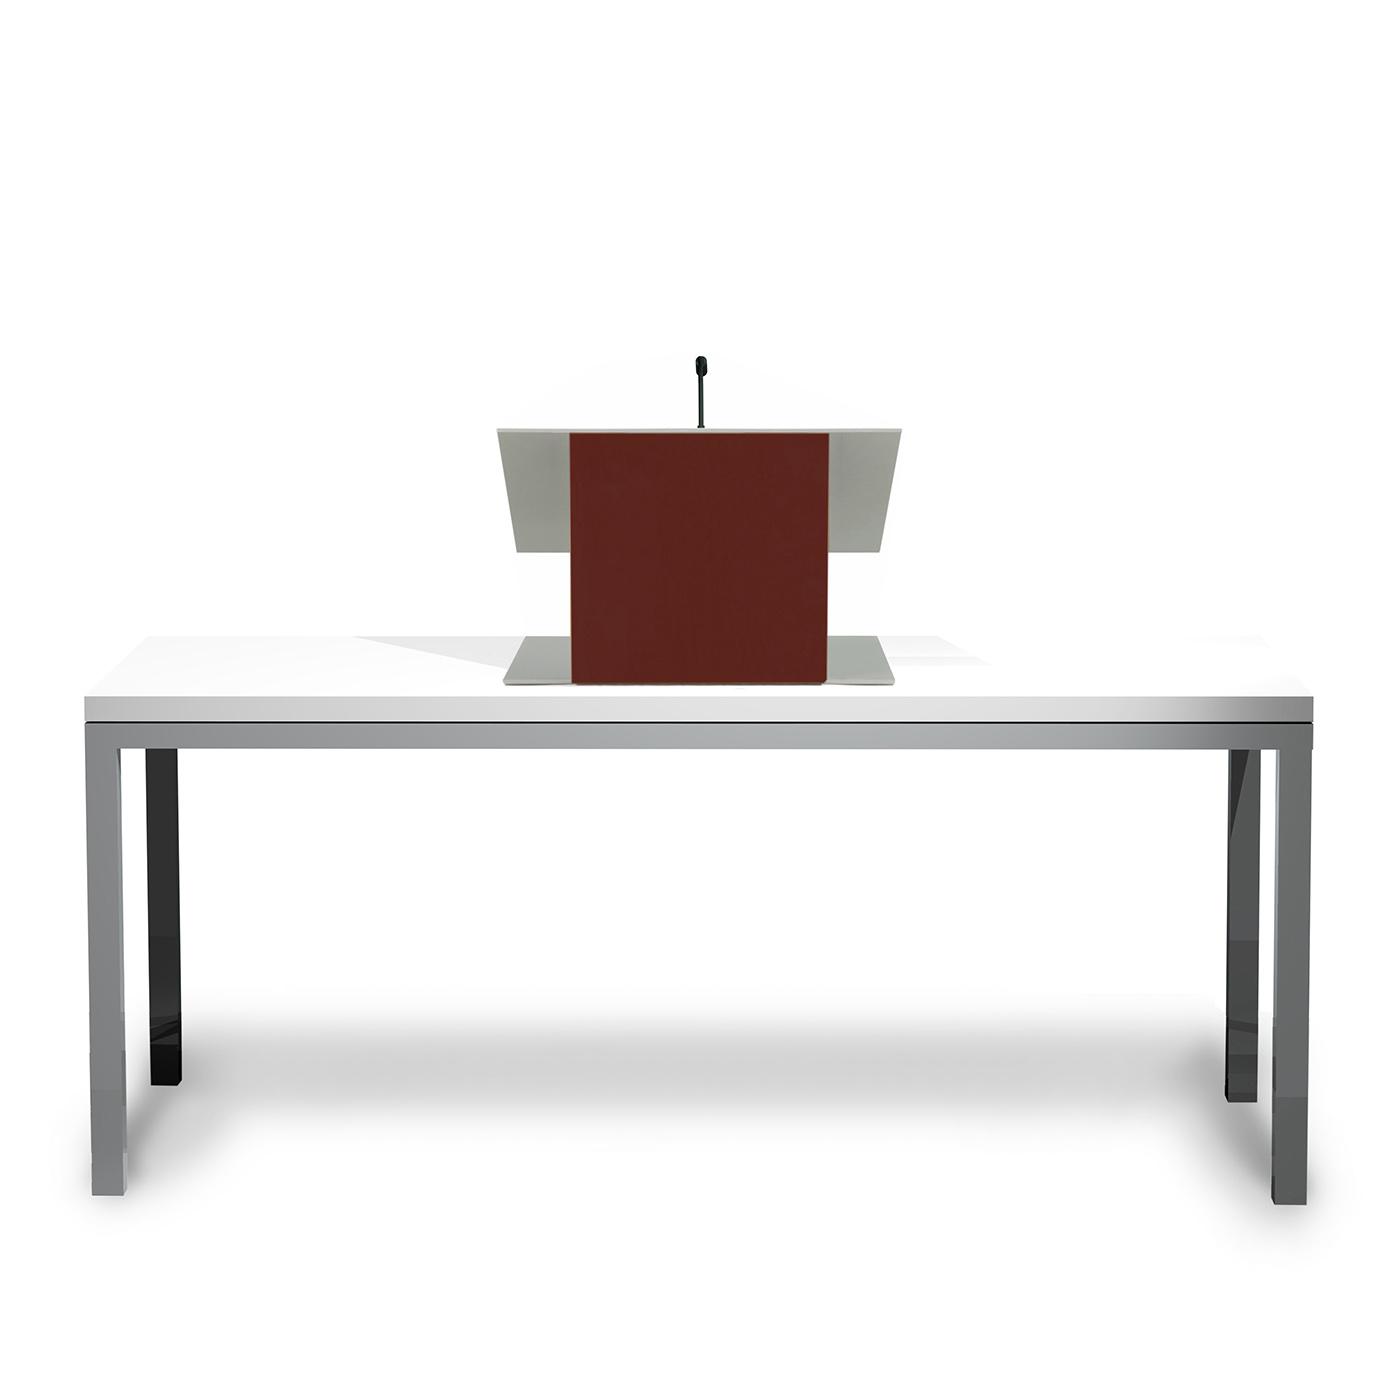 Urbann_K9_Mahogany front table white